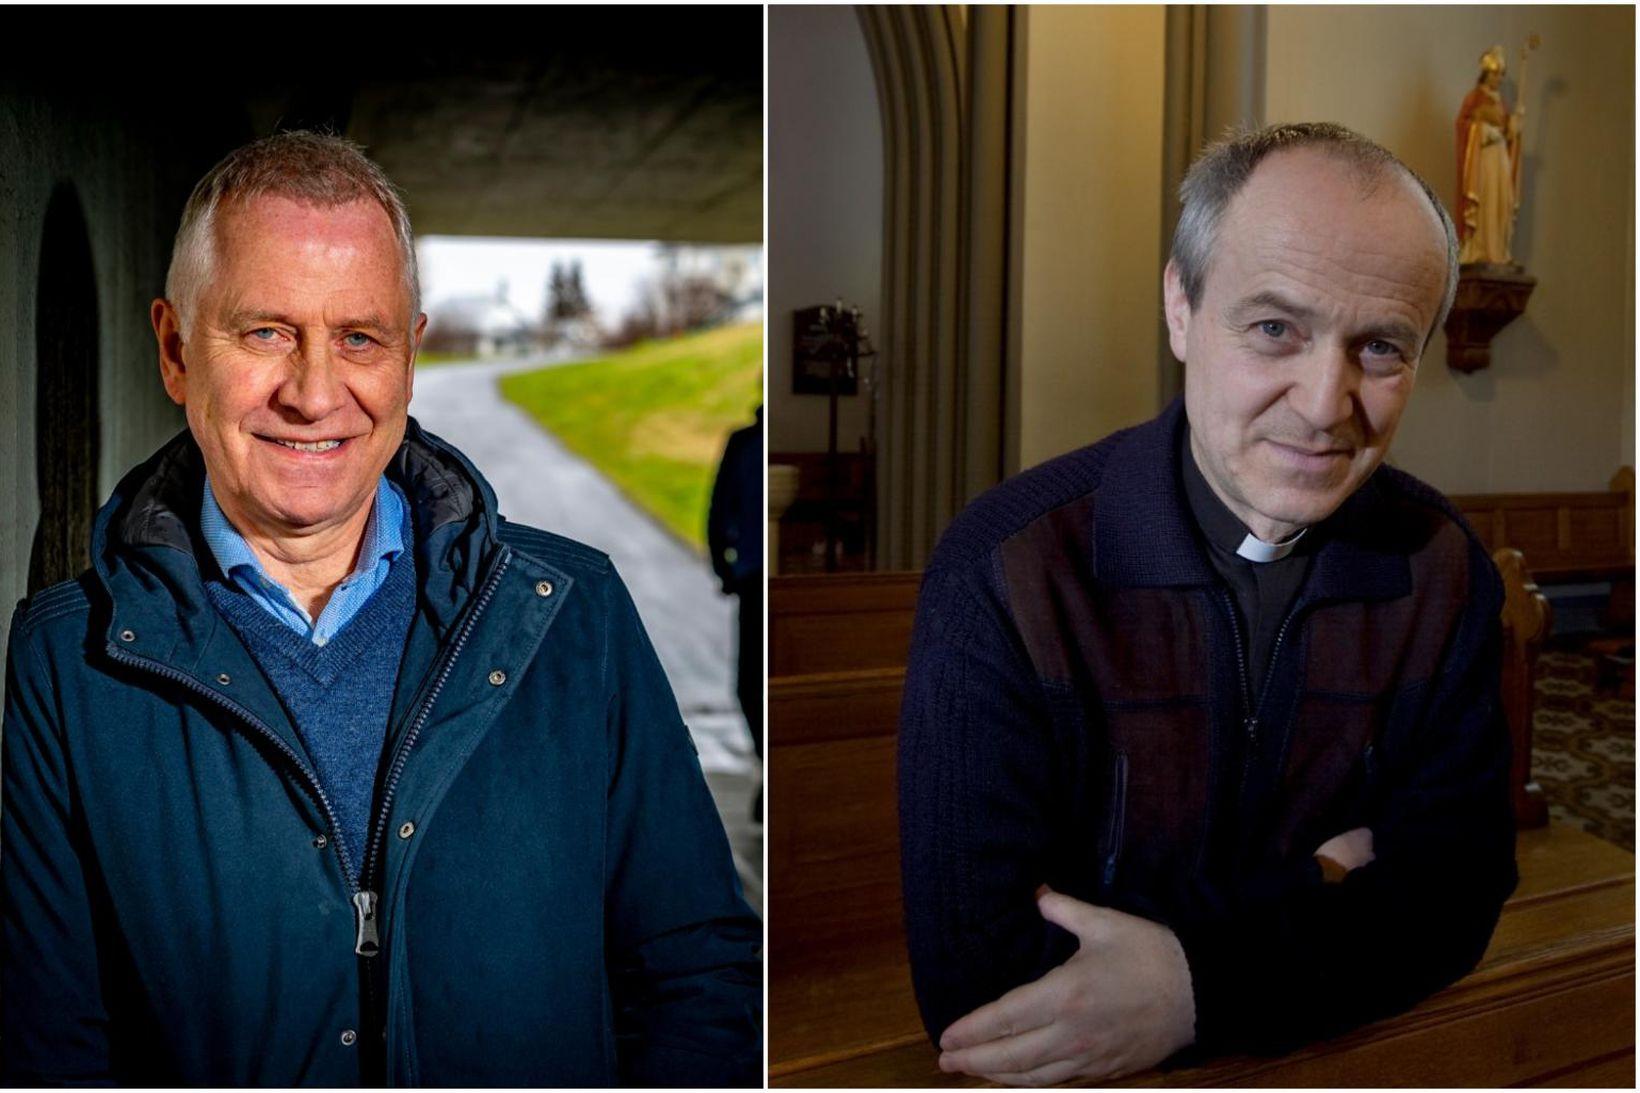 Þórólfur Guðnason sóttvarnalæknir og Jakob Rolland kanslari biskupsdæmis kaþólsku kirkjunnar